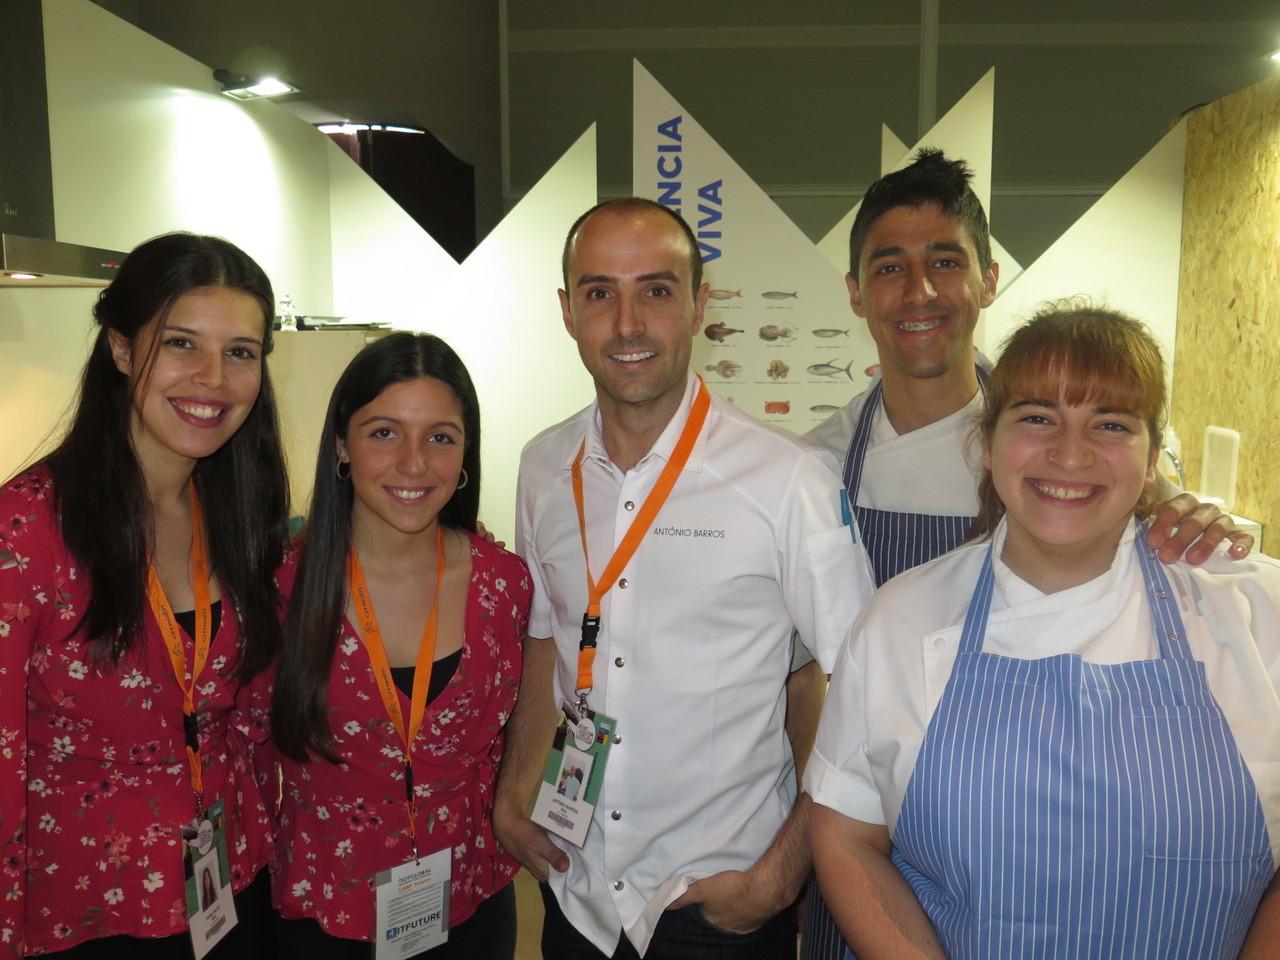 KIKO MARTINS – António Barros ao centro, com Sara Bilro, Cláudia Chaves, David Vieira e Sara Abreu